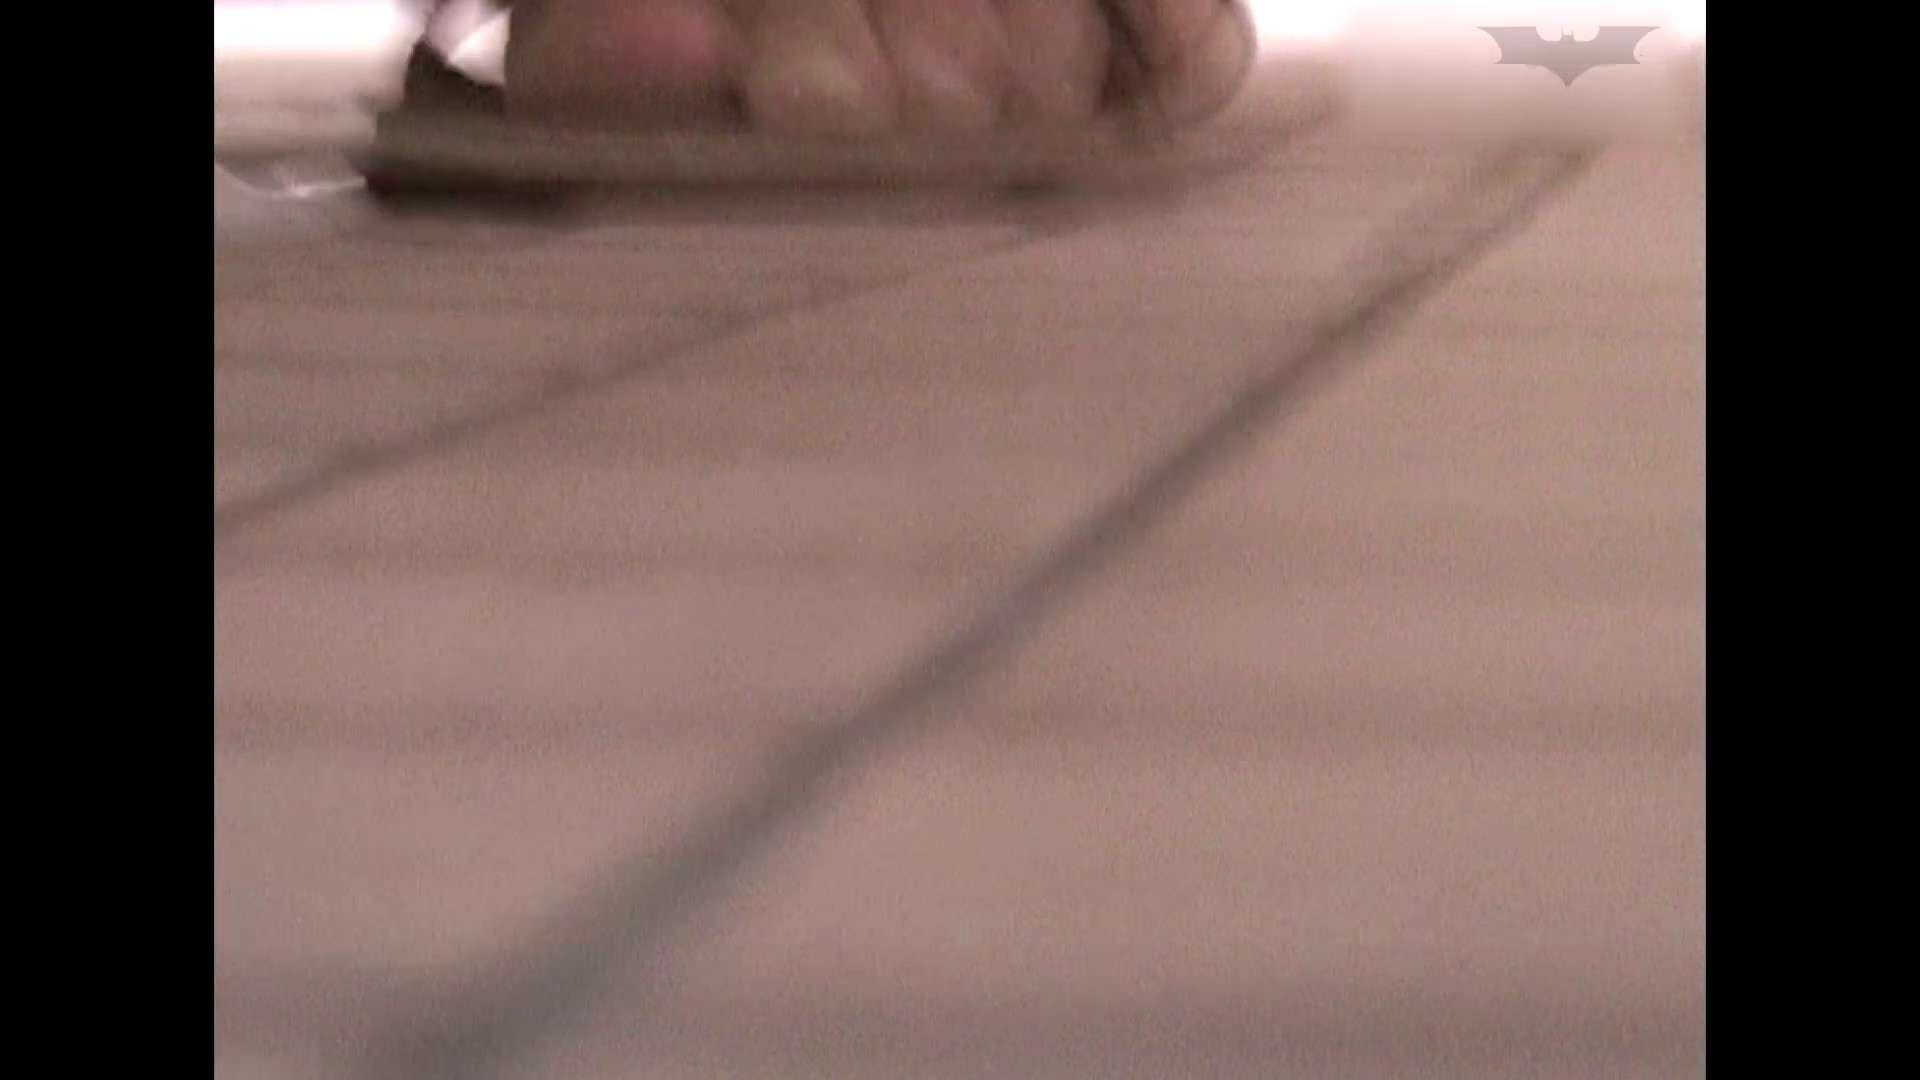 ピカ満グロ満KAWAYA物語 期間限定神キタ!ツルピカの放nyo!Vol.22 マンコ特集 | 期間限定  34連発 23